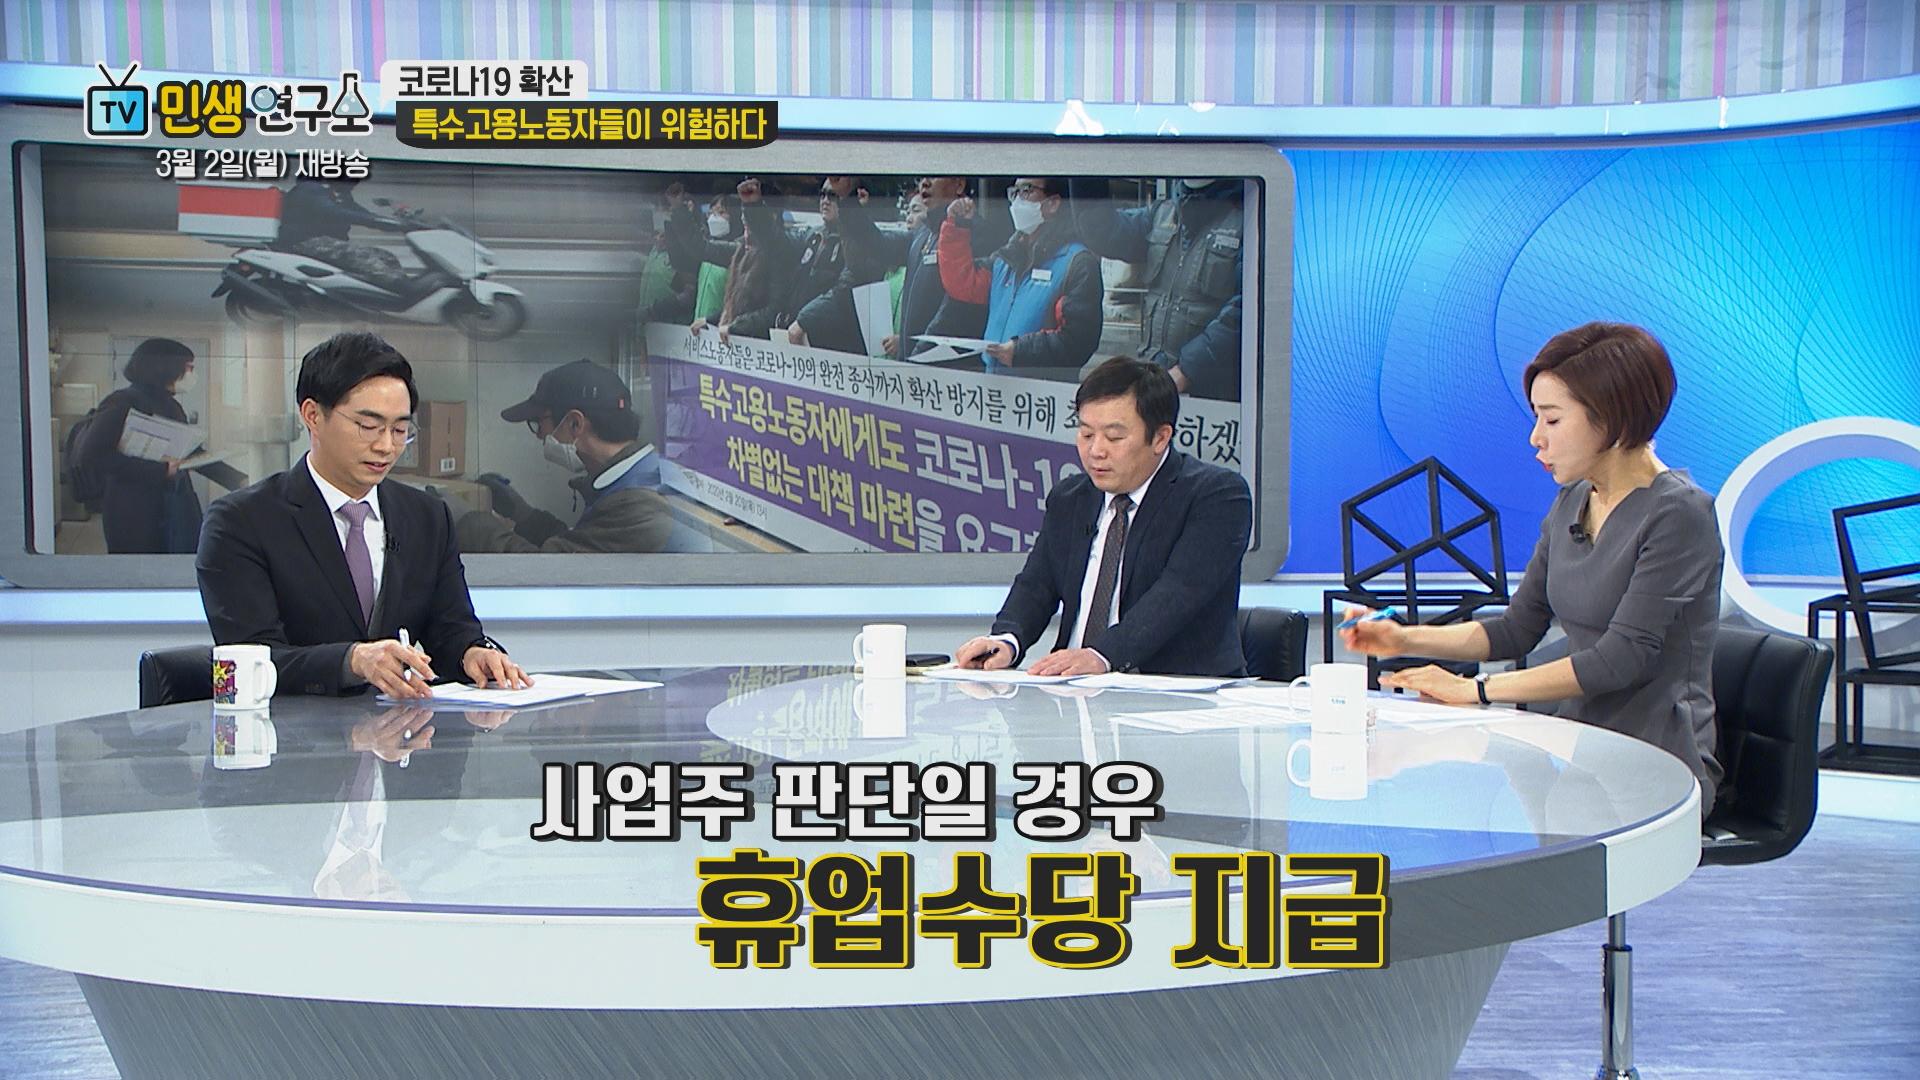 TBS <TV민생연구소>에 최종연 노동법전문변호사가 출연해 대담을 나눴다.